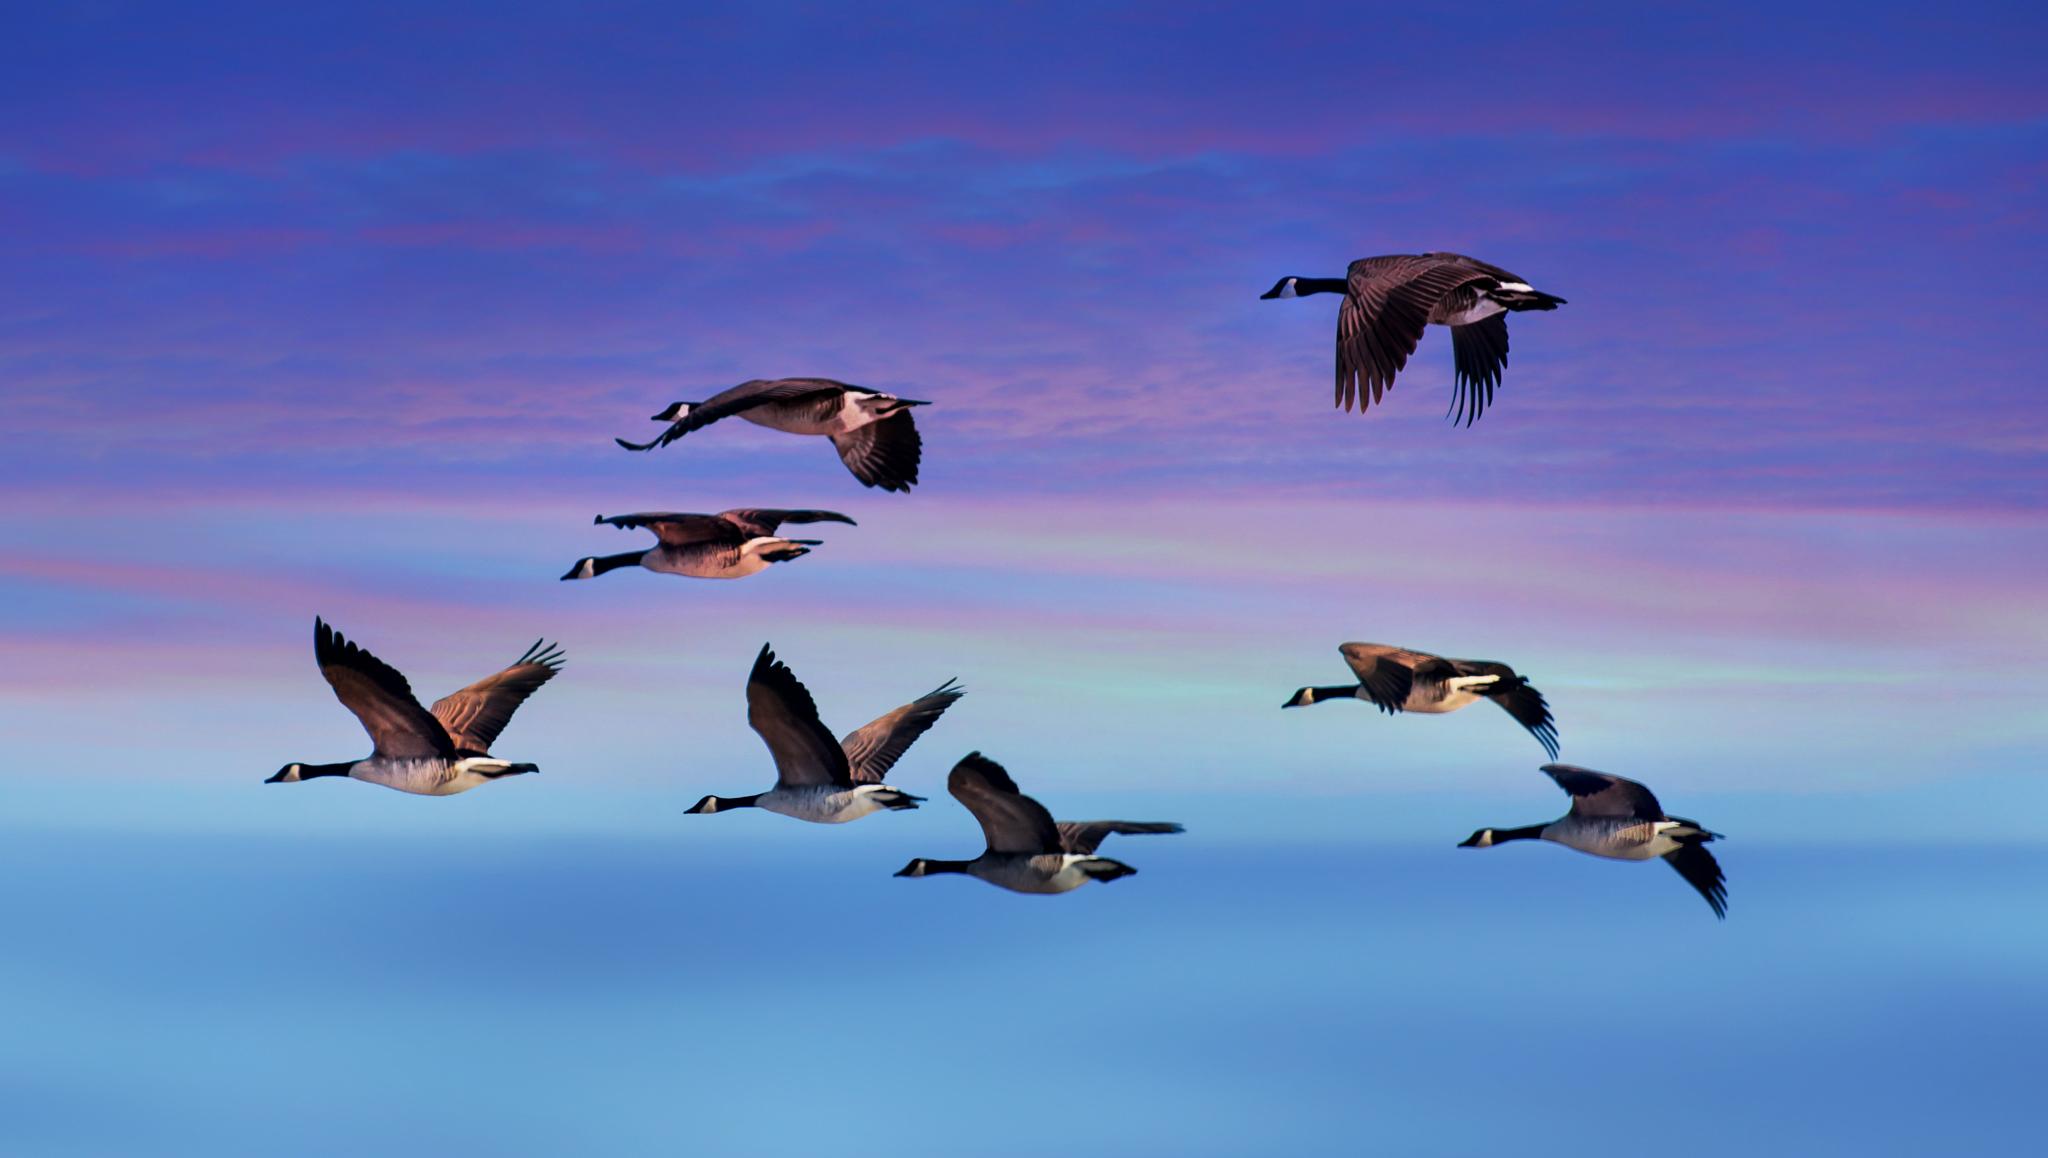 Patos volando - 2048x1158